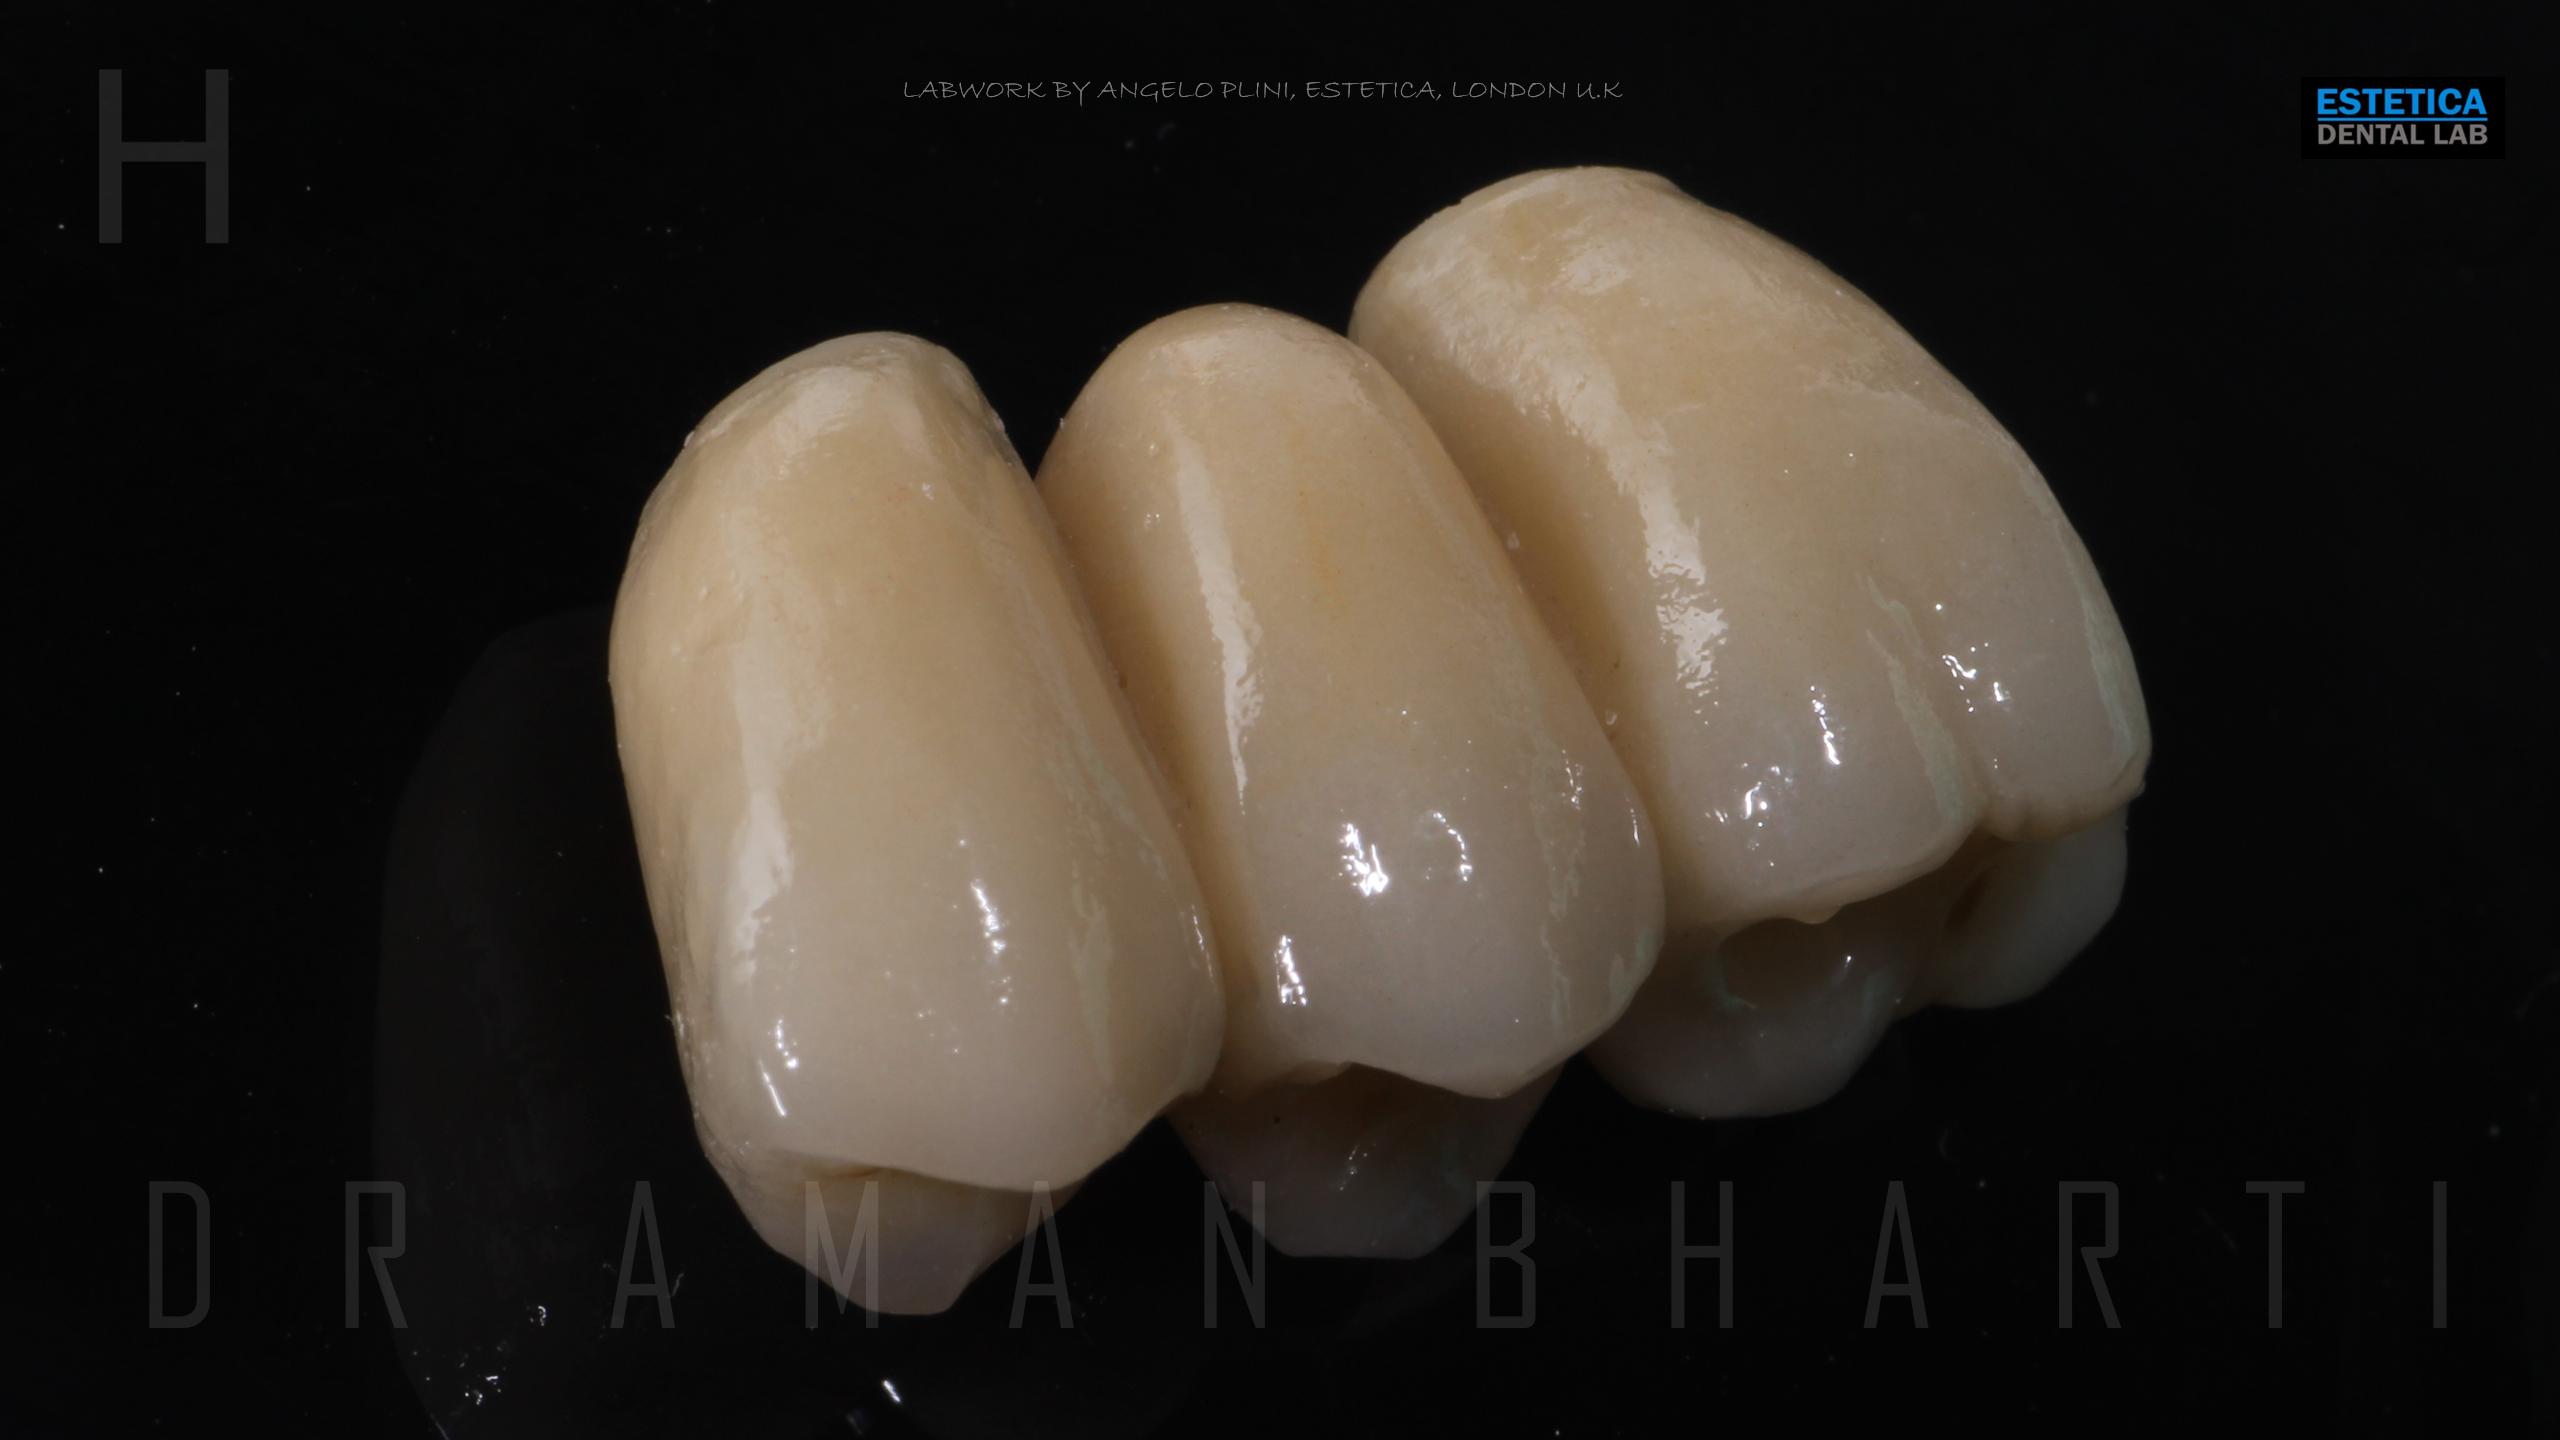 implant case 1 c